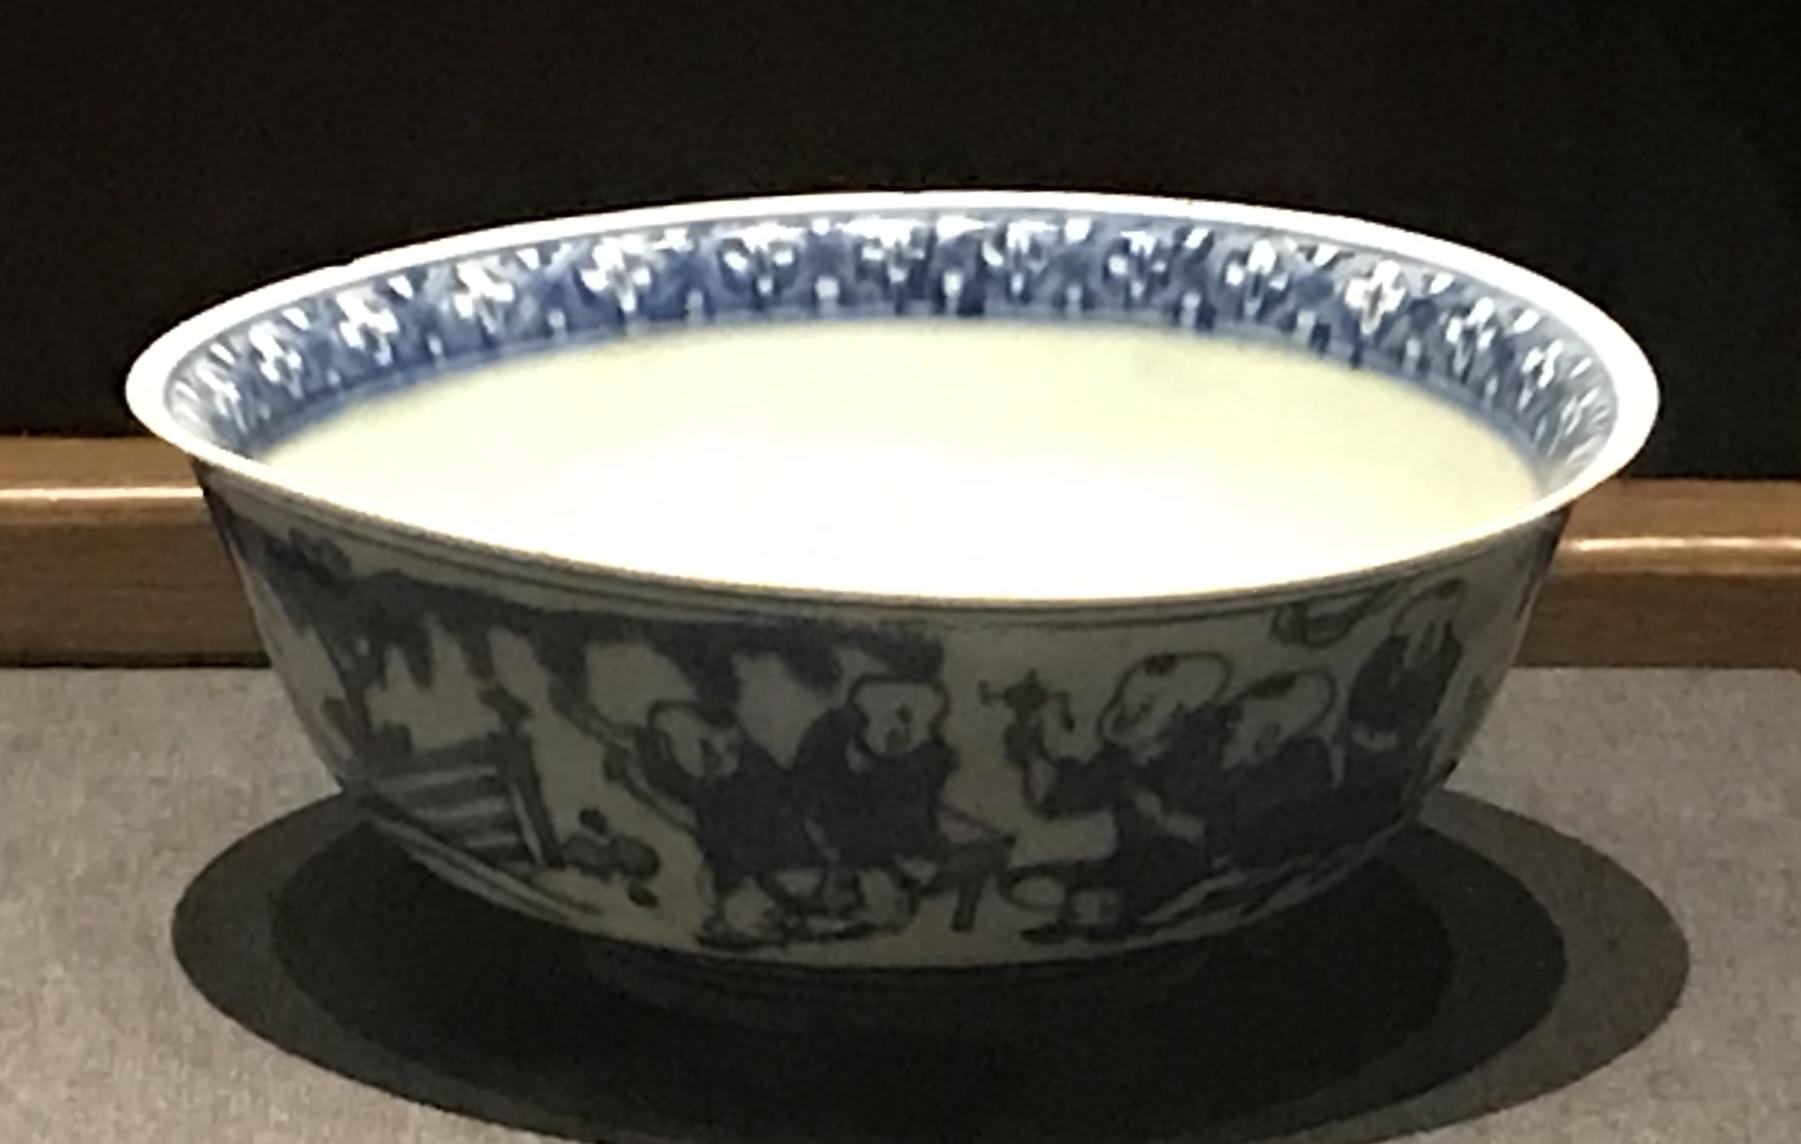 青花嬰戲図磁碗-明清時代-常設展F3-成都博物館